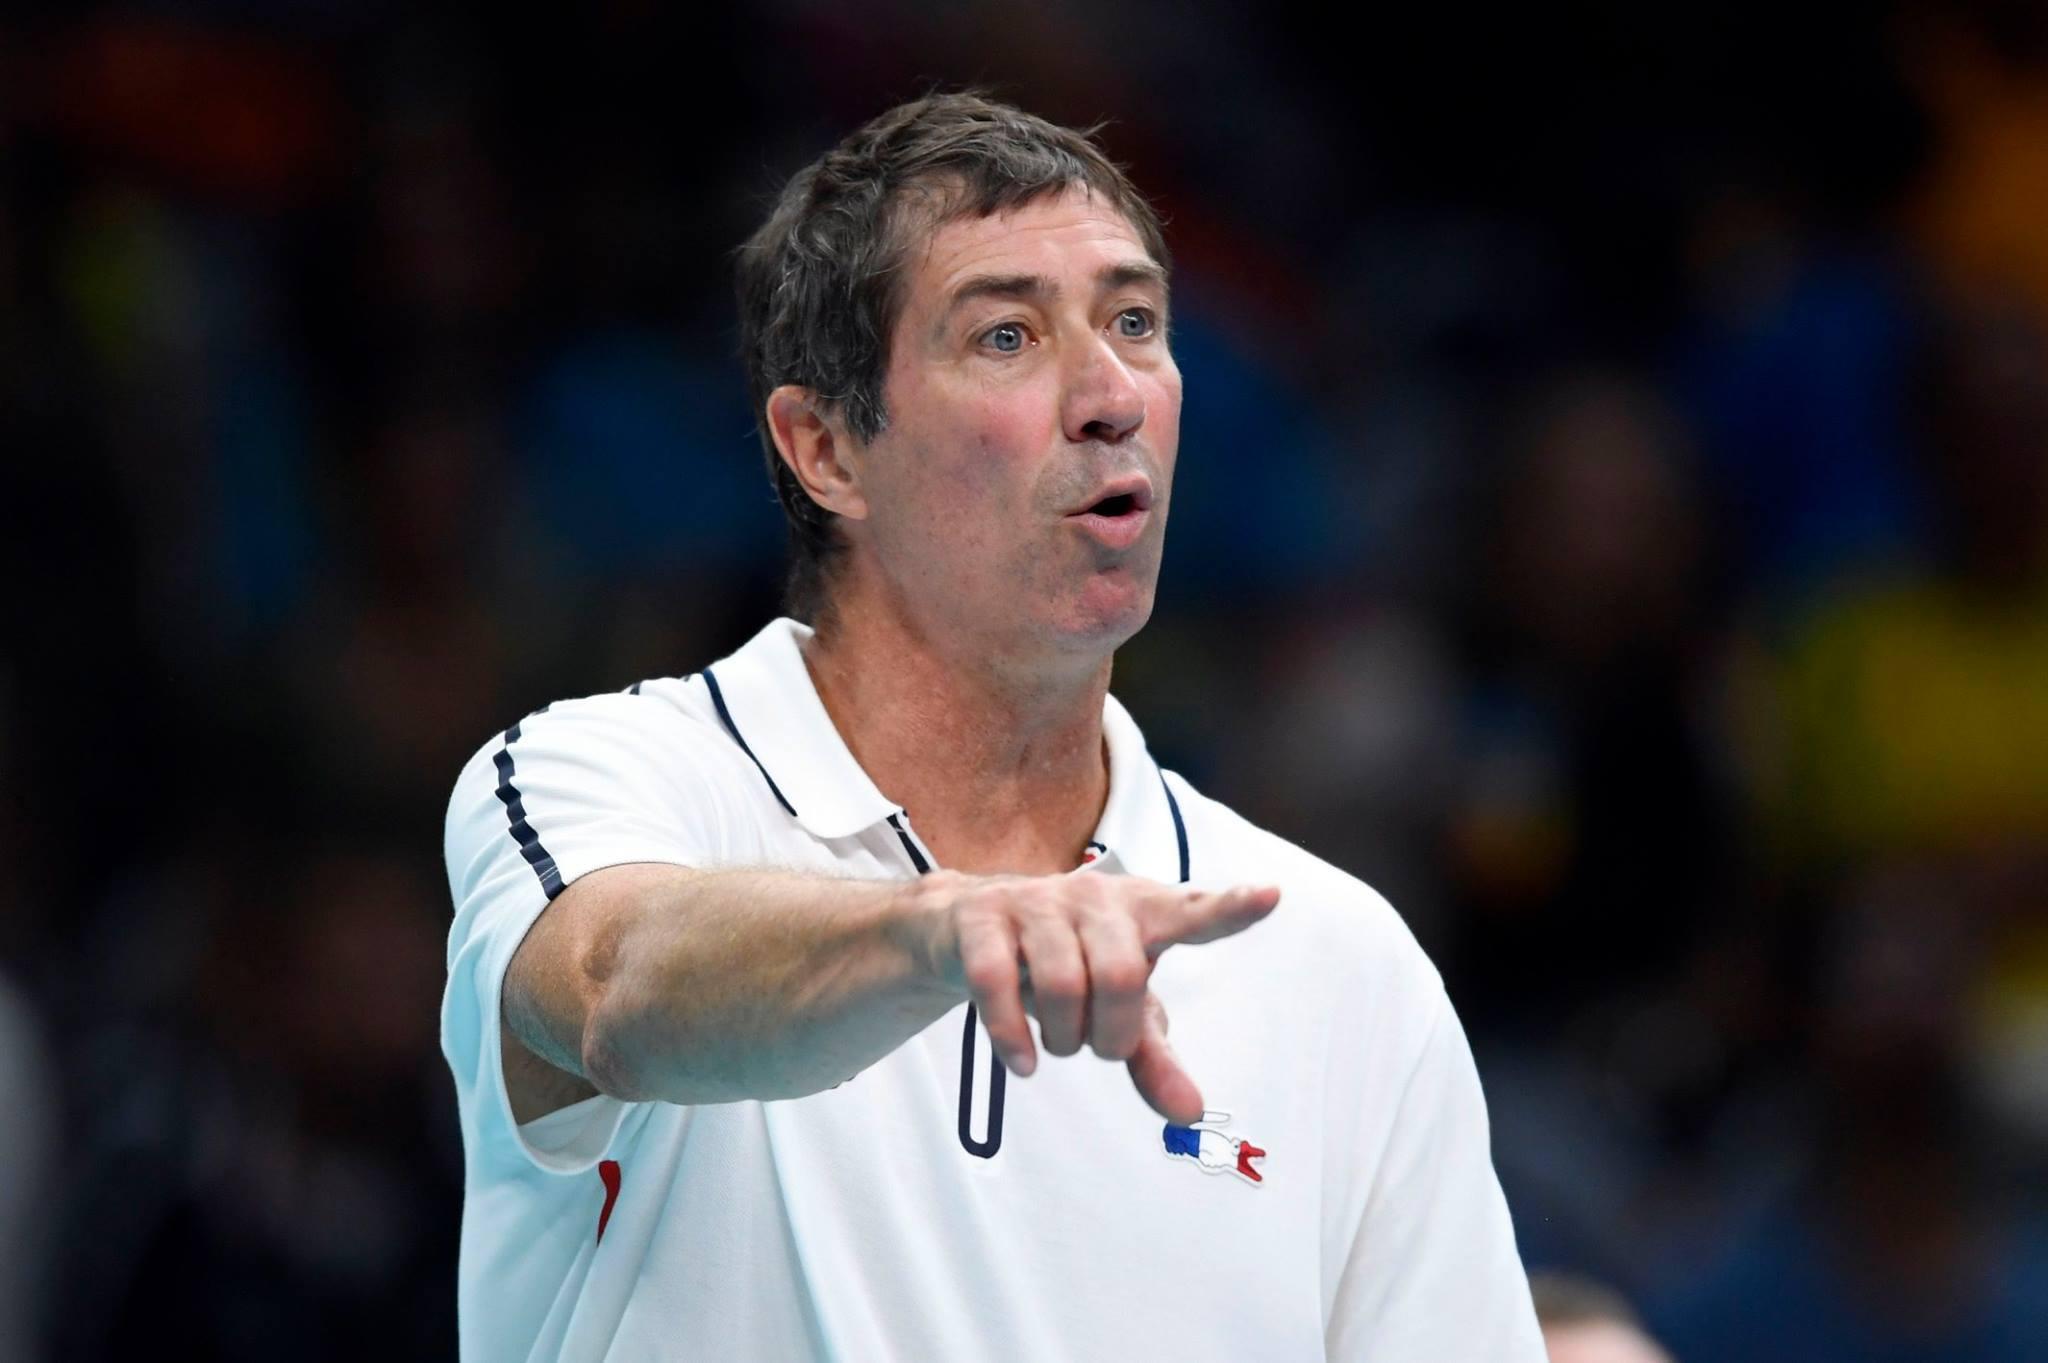 lacoste-ou-errea-quel-maillot-pour-lequipe-de-france-de-volley-aux-jo-2020-2